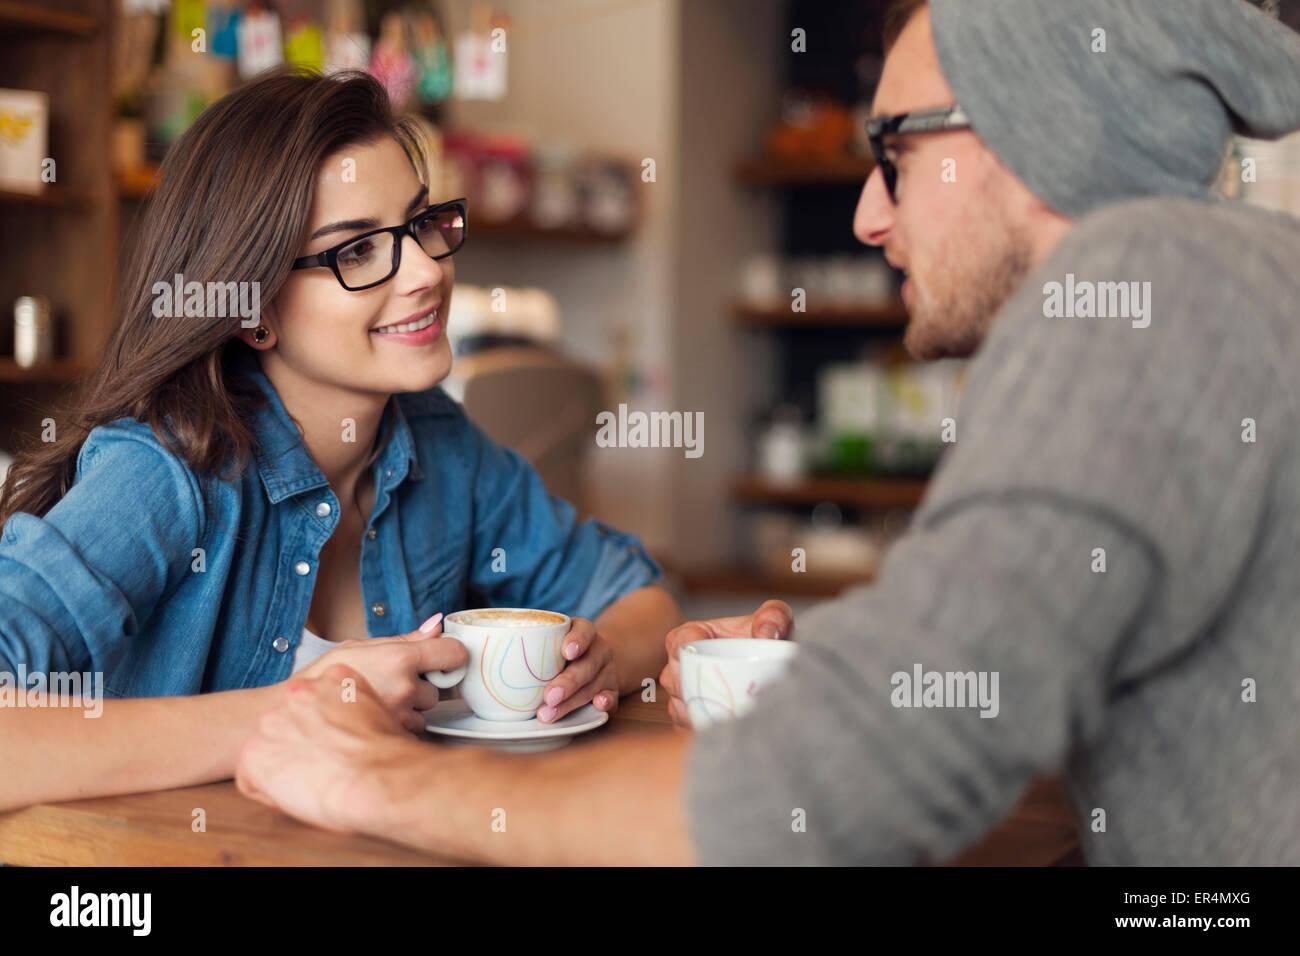 Amare giovane in data presso il cafe. Cracovia in Polonia Immagini Stock